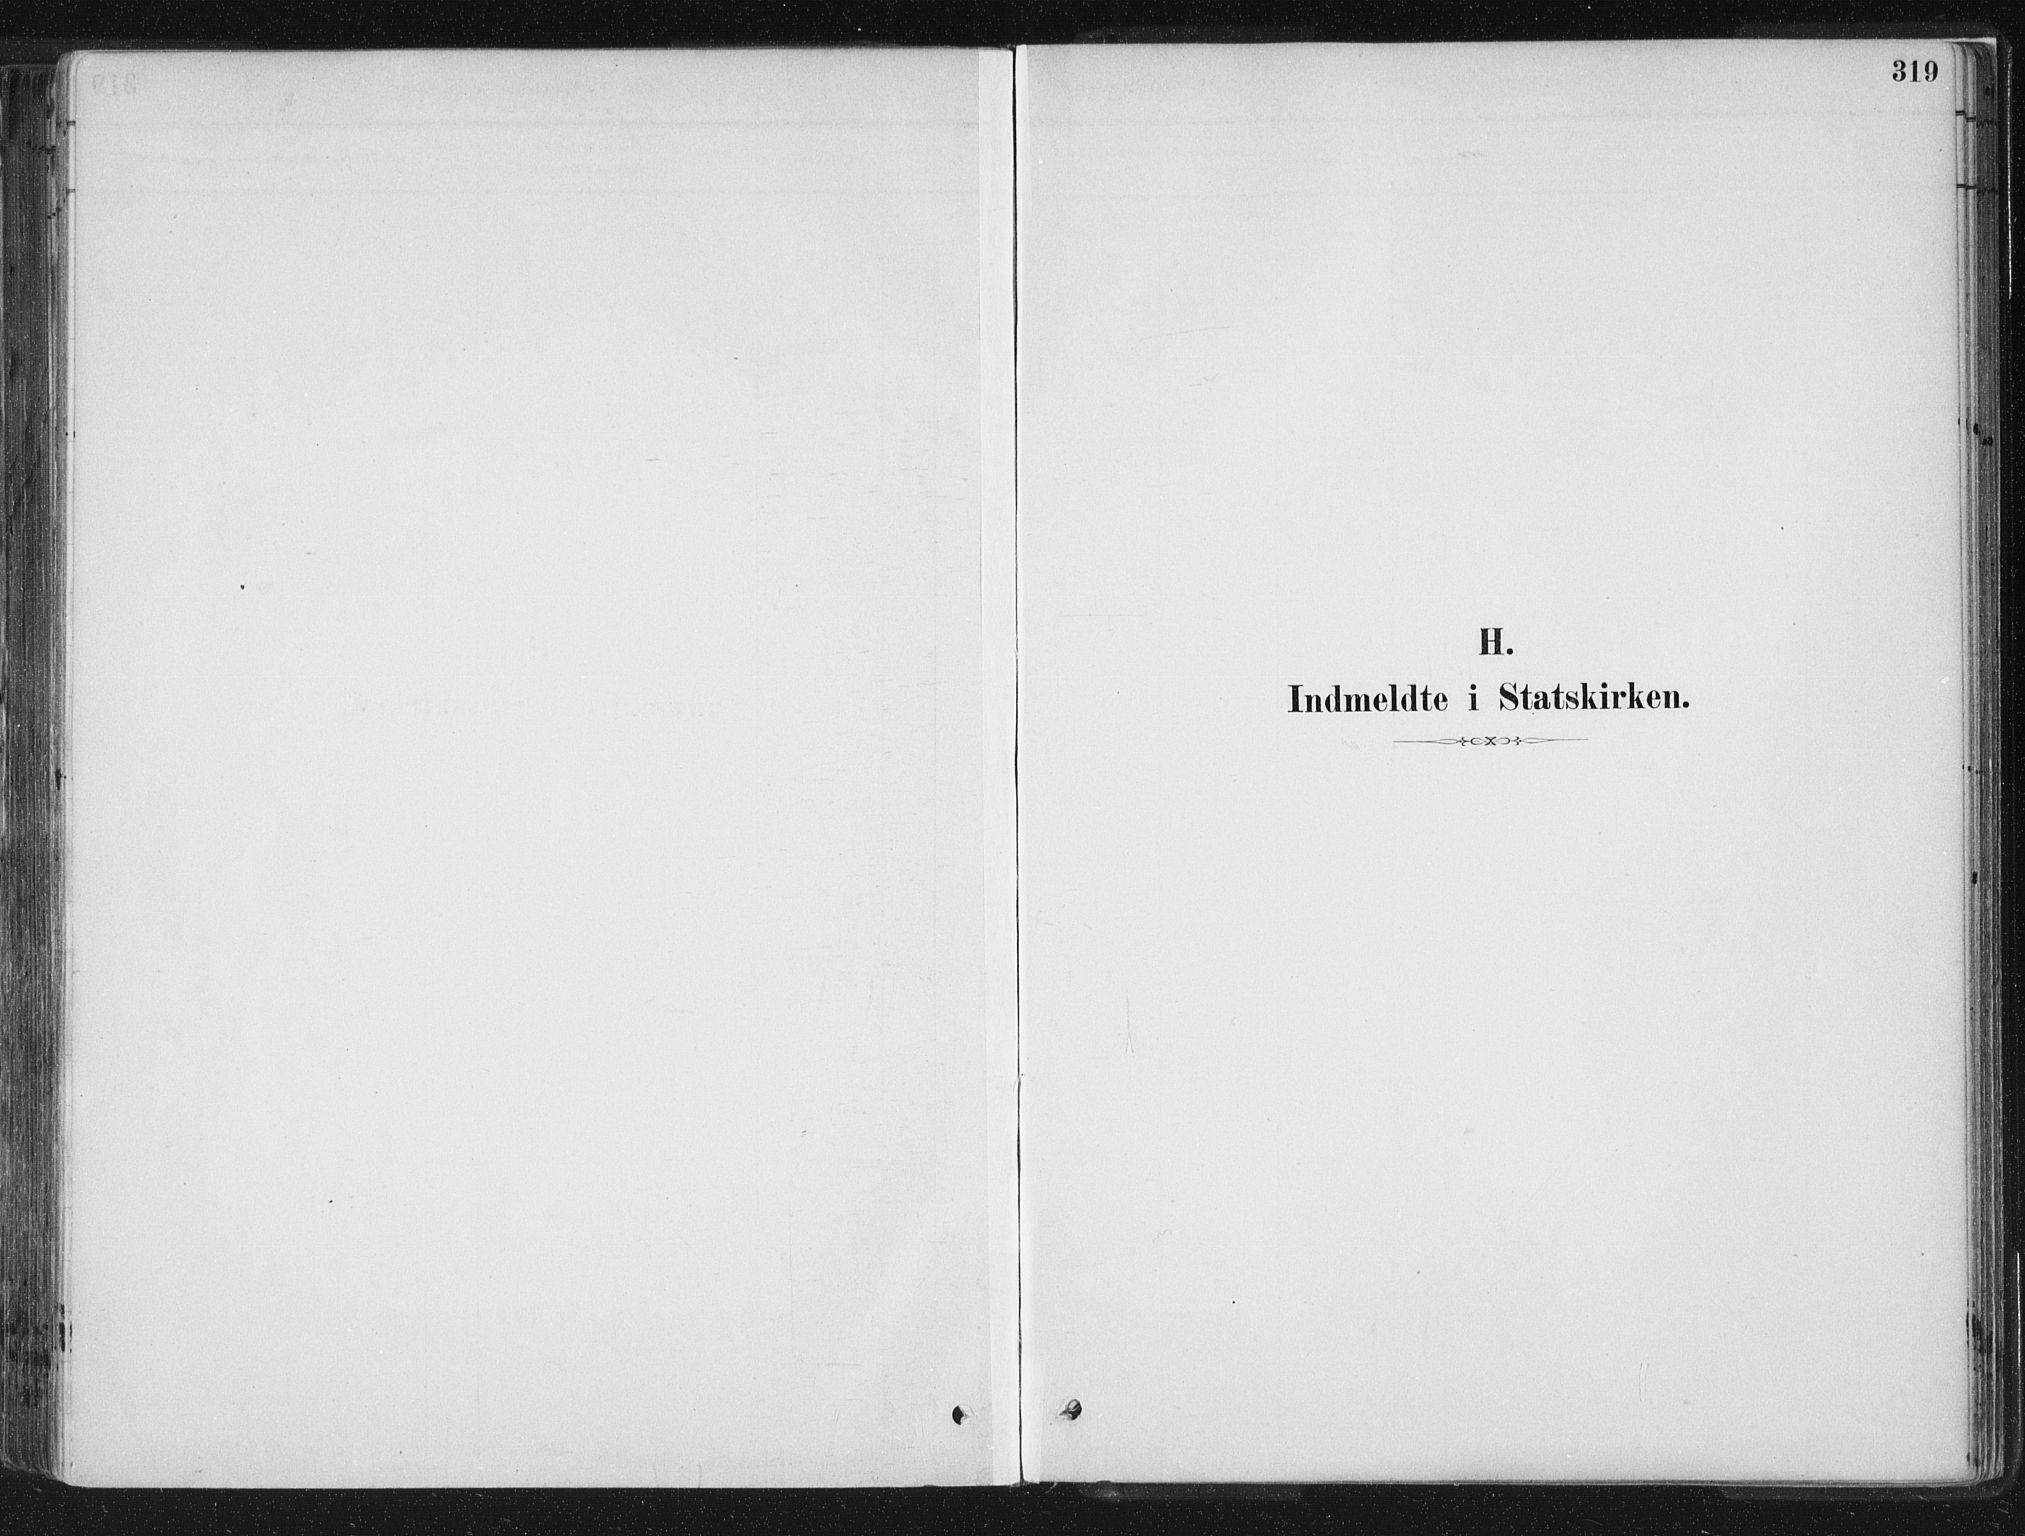 SAT, Ministerialprotokoller, klokkerbøker og fødselsregistre - Sør-Trøndelag, 659/L0739: Ministerialbok nr. 659A09, 1879-1893, s. 319